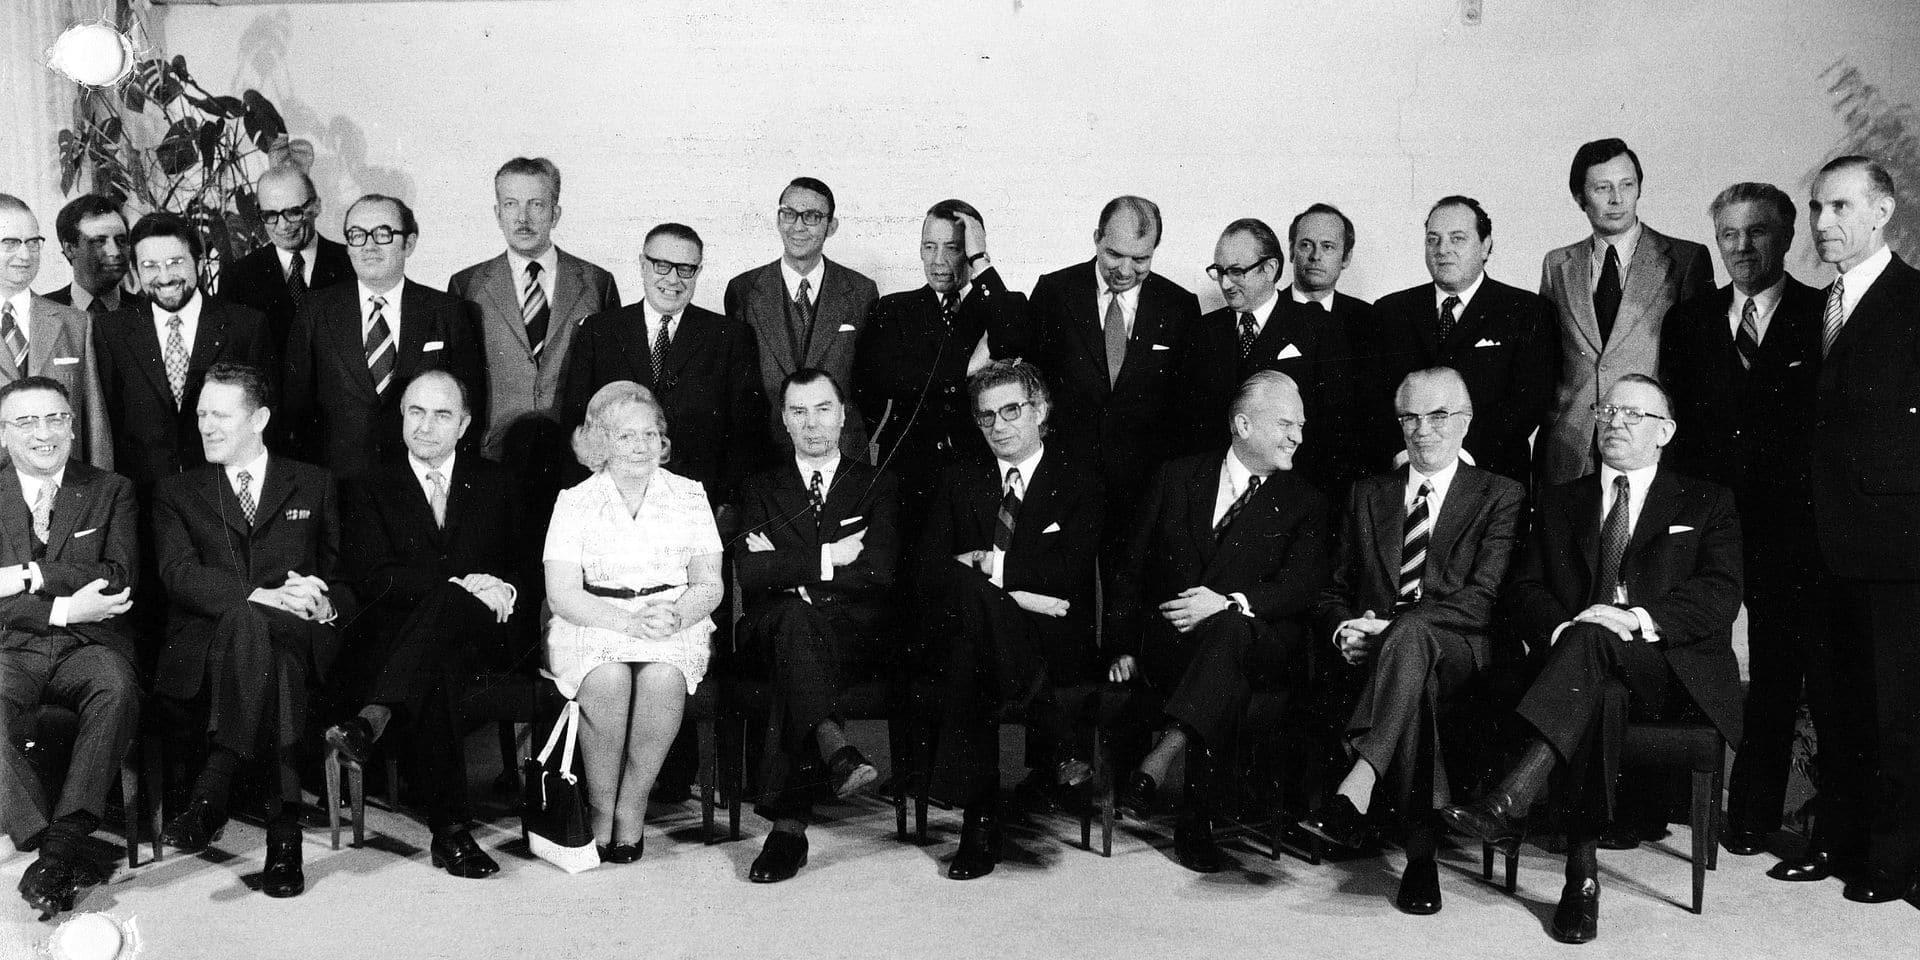 19740425 - The picture presents the new government, the government Leo Tindemans. On the picture : Vanderpoorten, Van Elslande, Van den Boeynants, De Backer, Tindemans, Daclercq, Toussaint, Desaegher, Califice, De Paepe, Geens, De Croo, D'Haeseleer, Defraigne, Humblet, Olivier, Grafe, Chabert, Lavens, Poma, Van Aal, Hubaux, D'Hoore, Oleffe, Hanin. BELGA PHOTO ARCHIVES